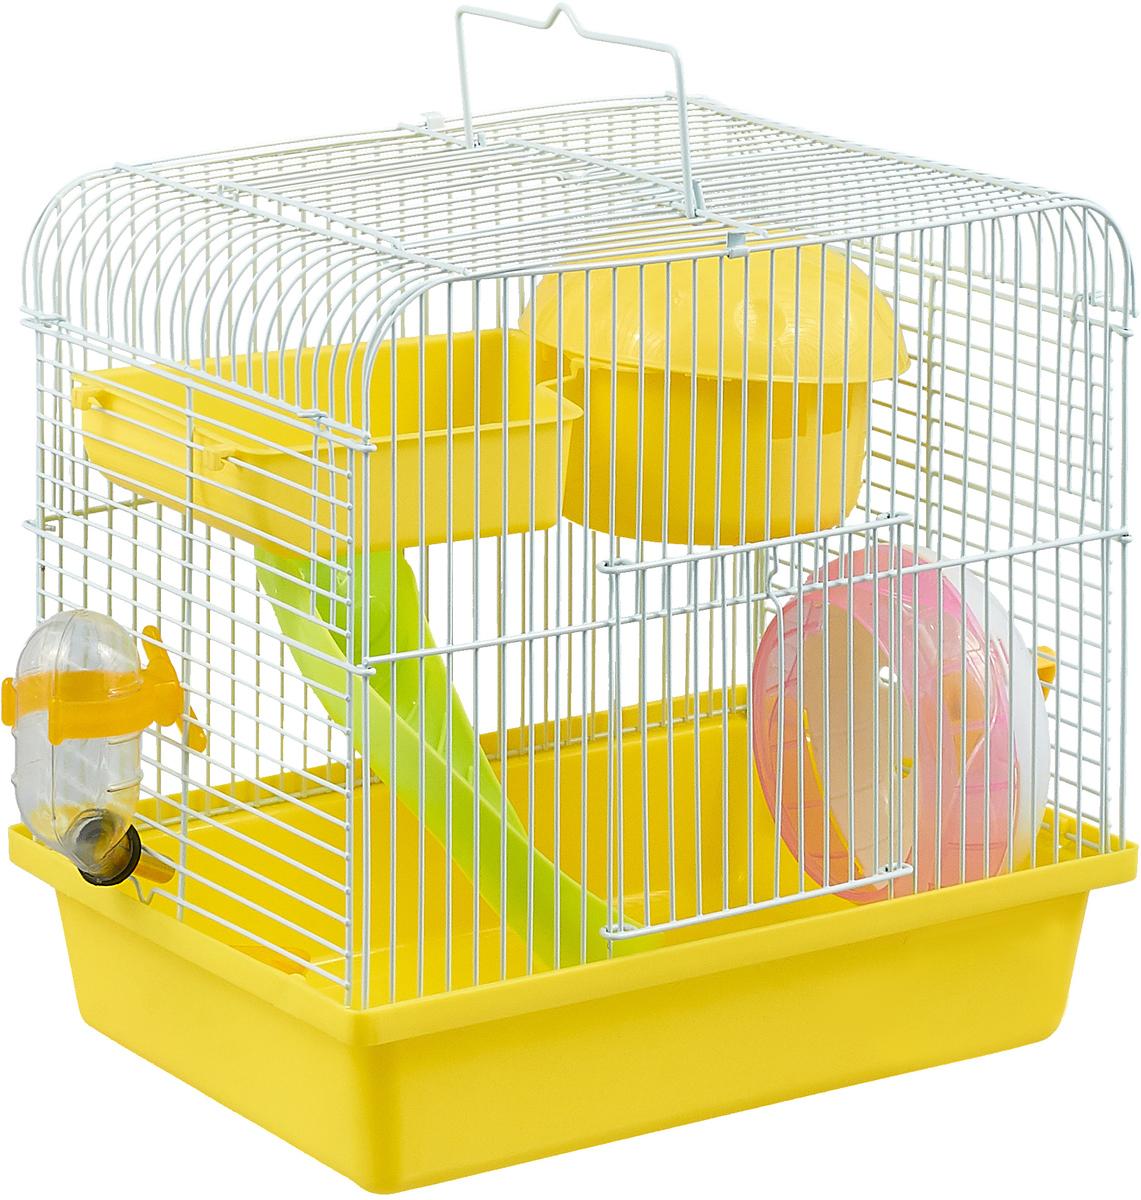 Клетка для хомяка №1, прямоугольная, укомплектованная, цвет: желтый, 27 х 20,5 х 25,5 см эспандер лыжника пловца starfit es 901 цвет желтый 0 6 х 0 9 х 140 см 2 кг